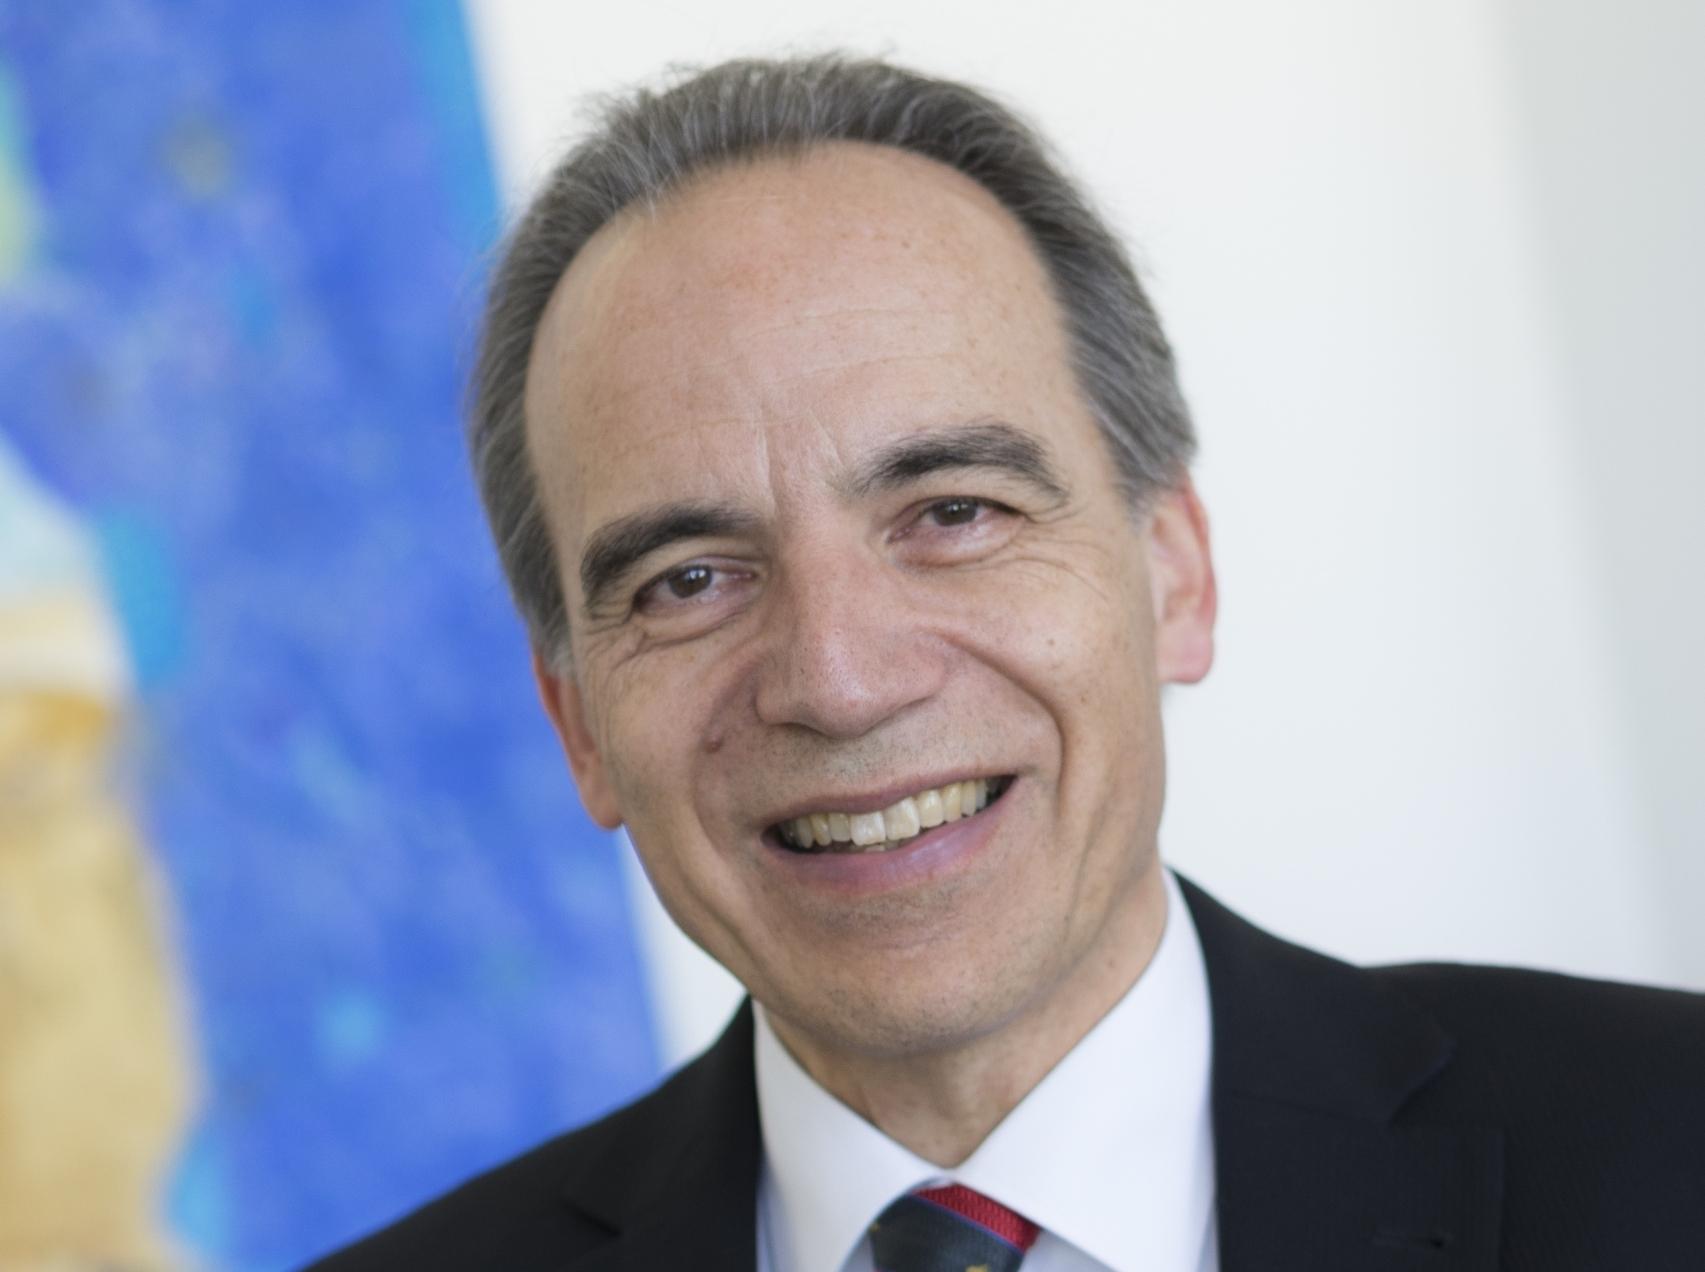 Österreich muss EU-Richtlinie nicht übererfüllen